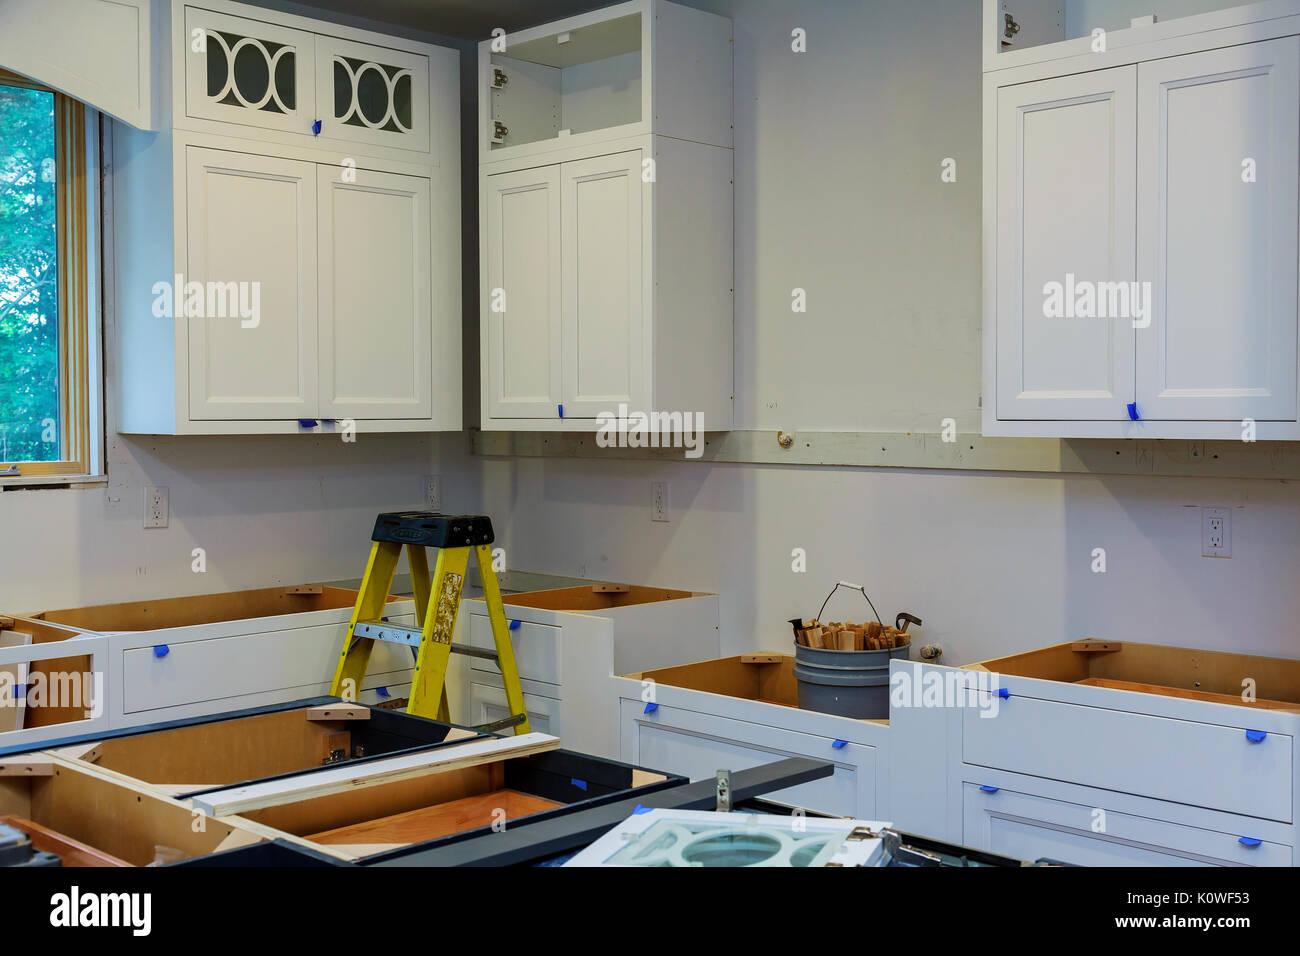 Groß Benutzerdefinierte Küchenschränke Fotos - Ideen Für Die Küche ...